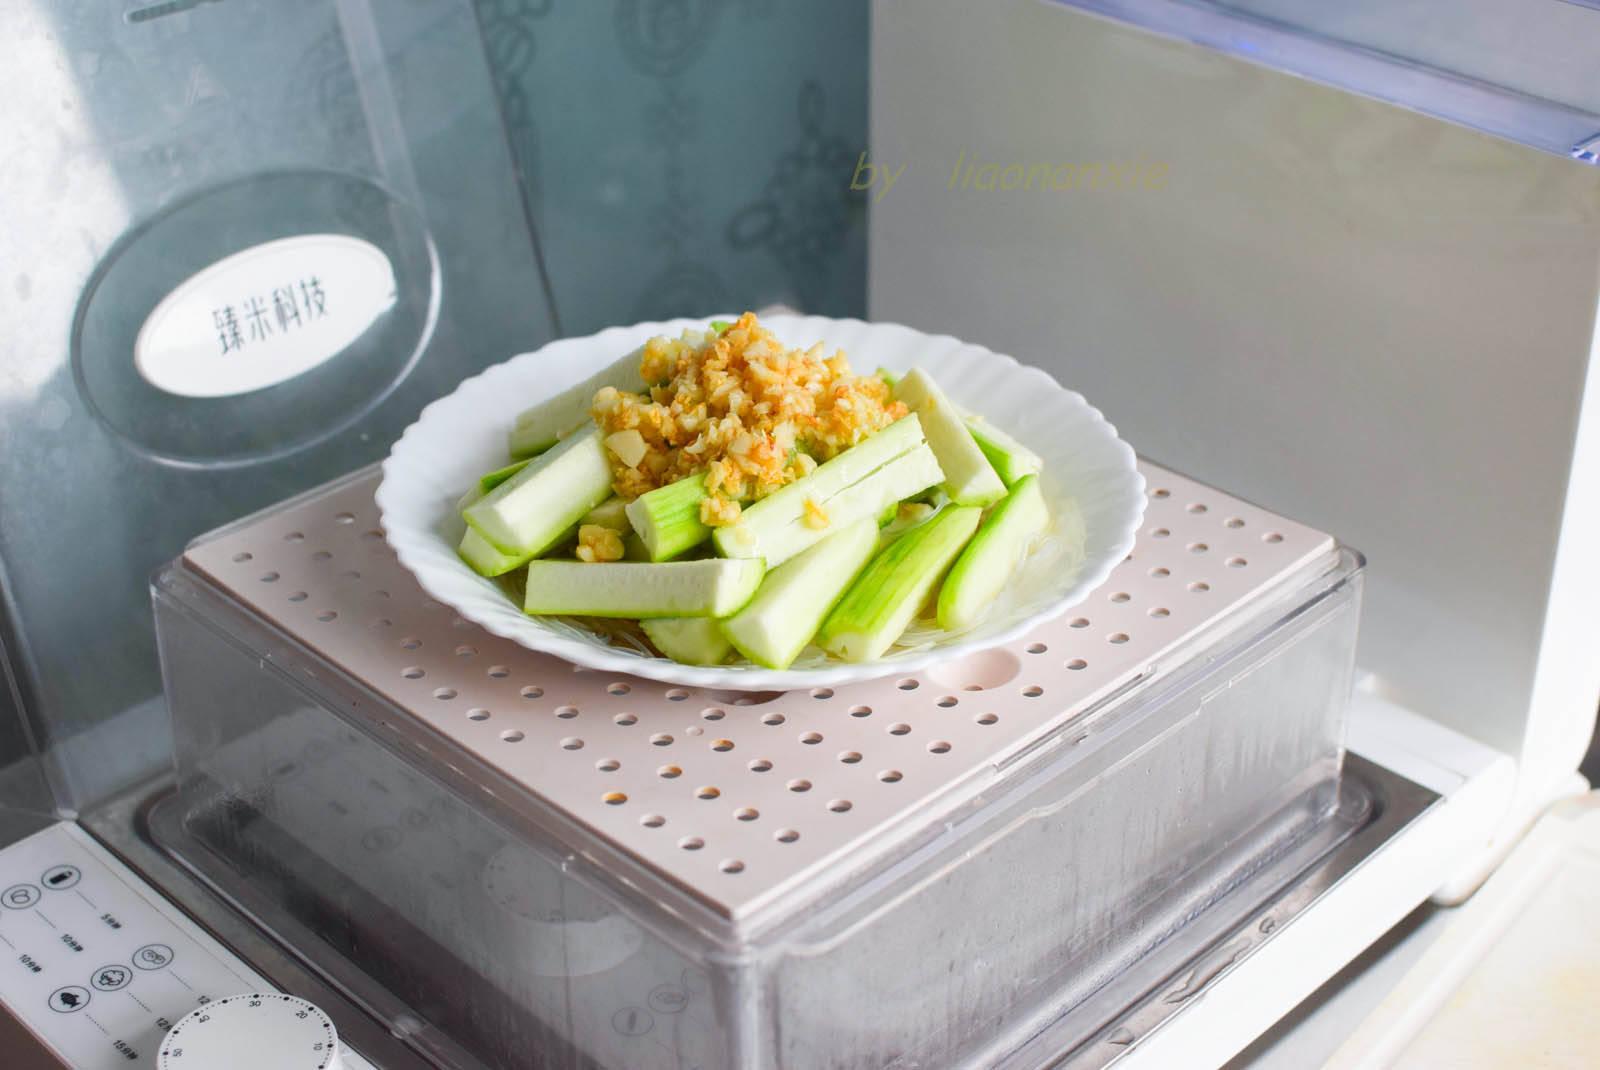 三伏天最爱吃这菜,一切一蒸就上桌,调料很少味道还特别鲜